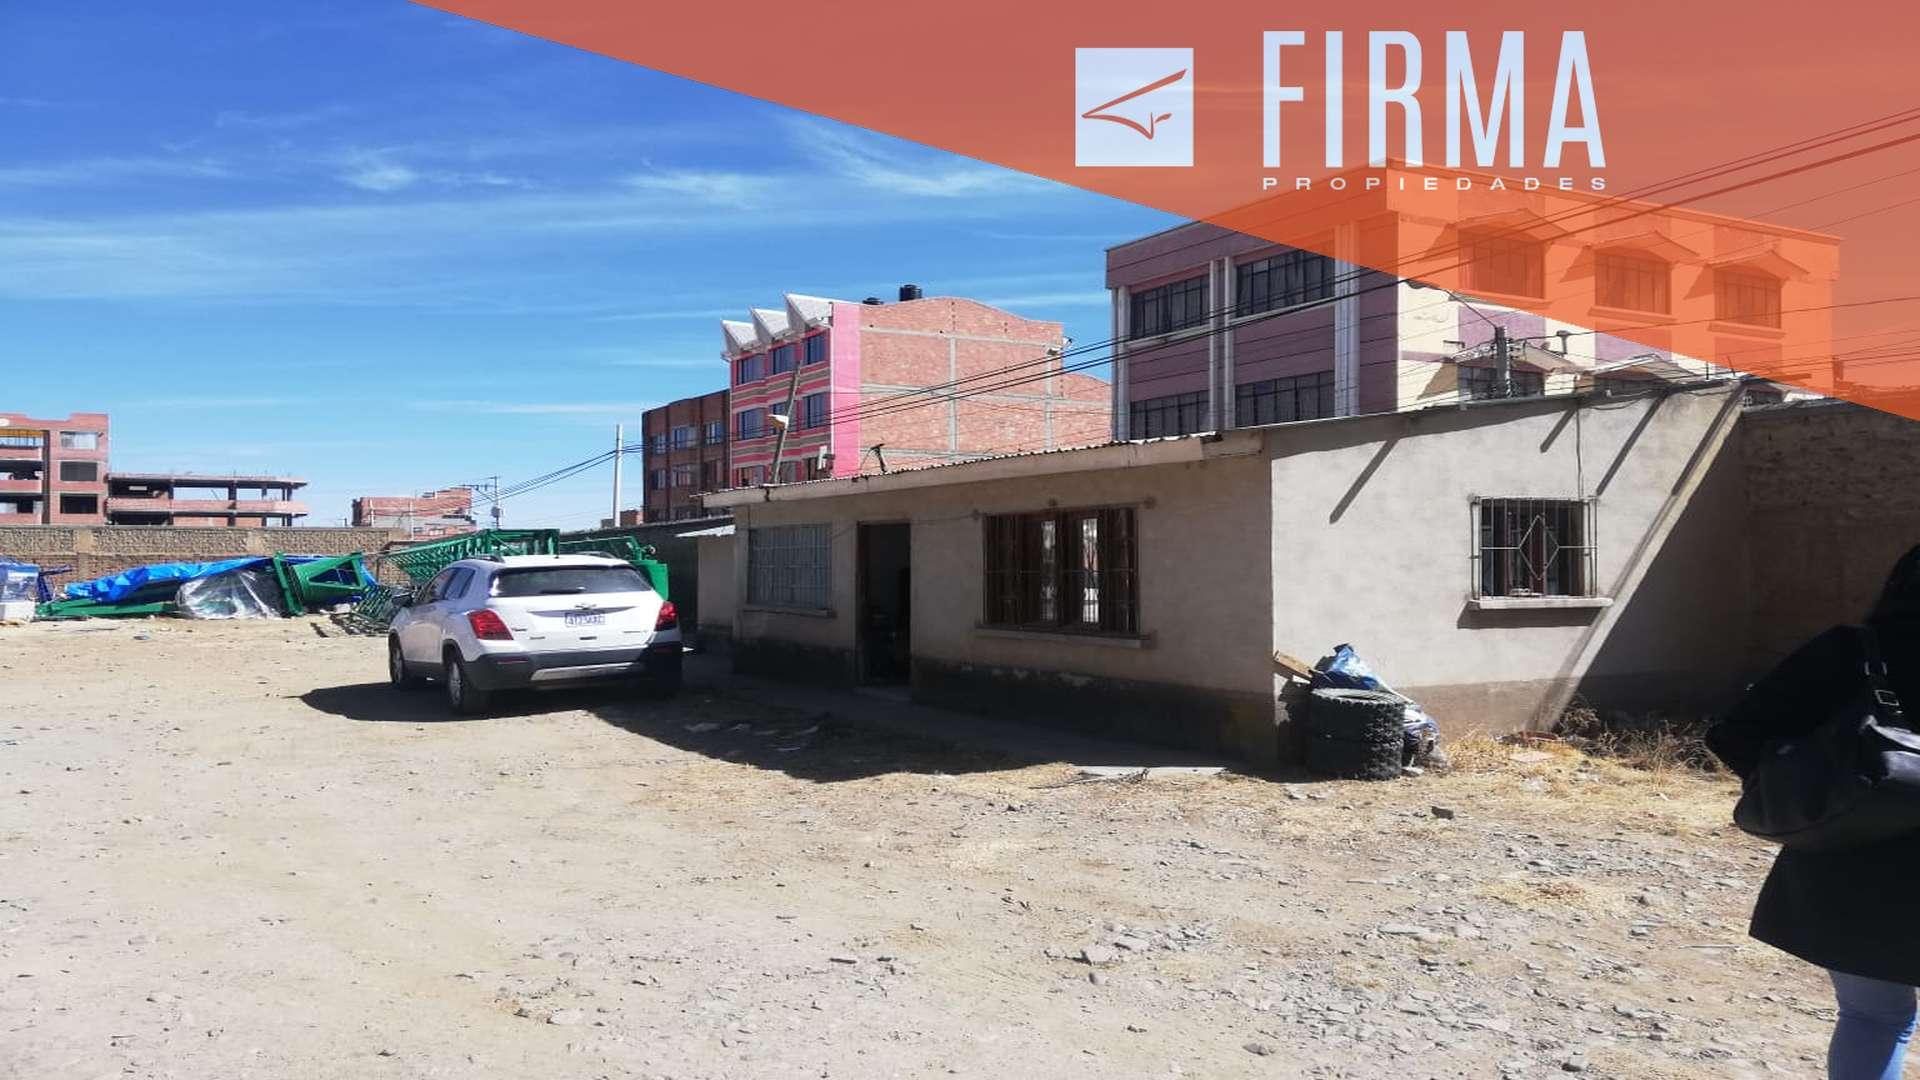 Terreno en Venta FTV36593 – COMPRA TU TERRENO EN EL ALTO Foto 9